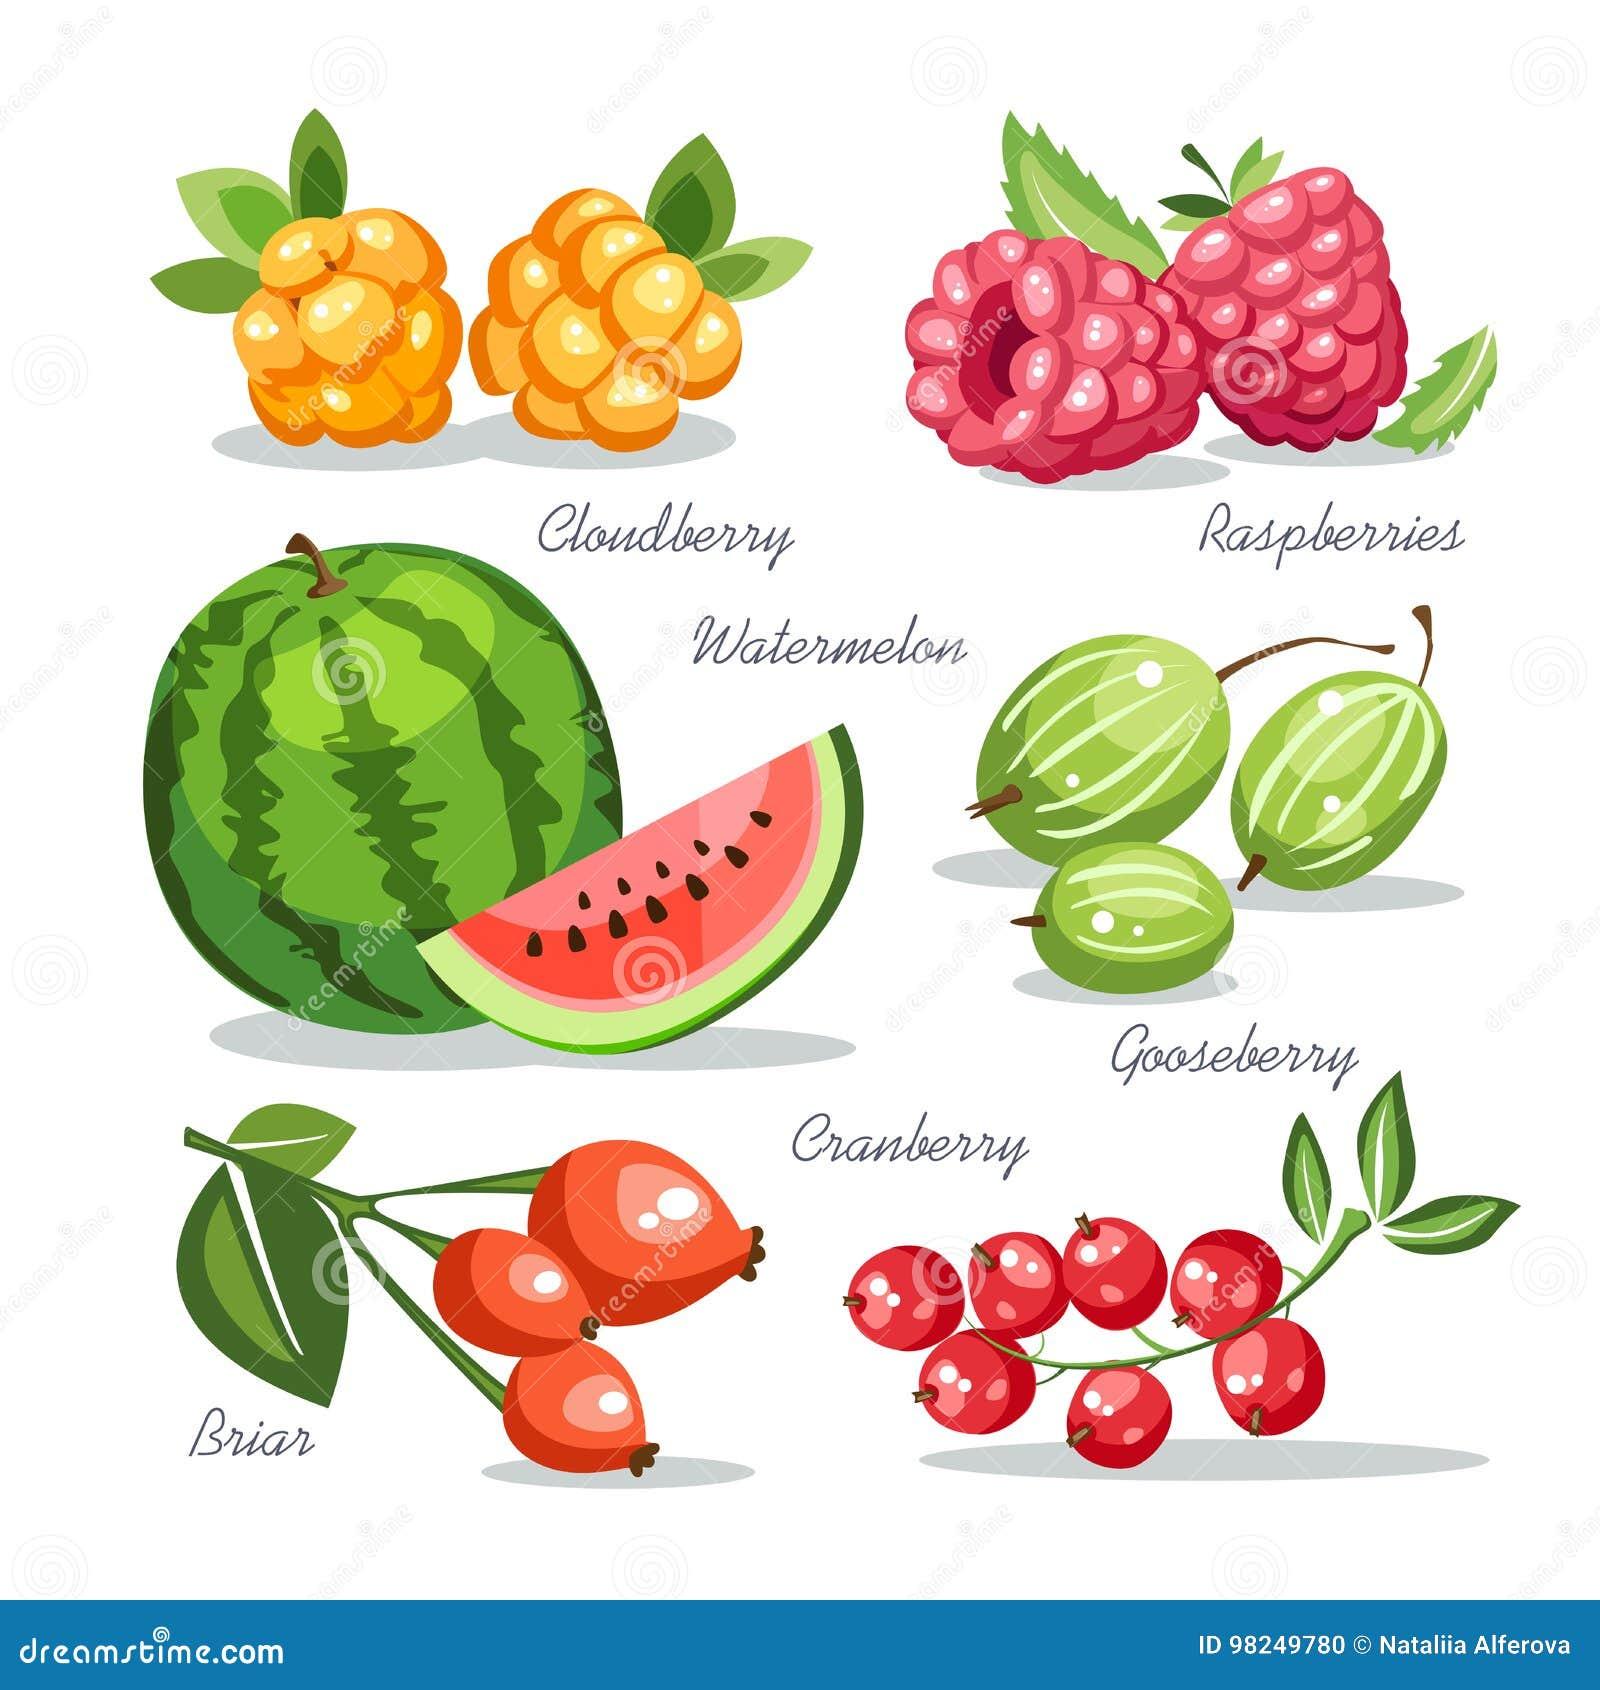 新鲜水果汇集鹅莓野草莓莓西瓜野蔷薇蔓越桔